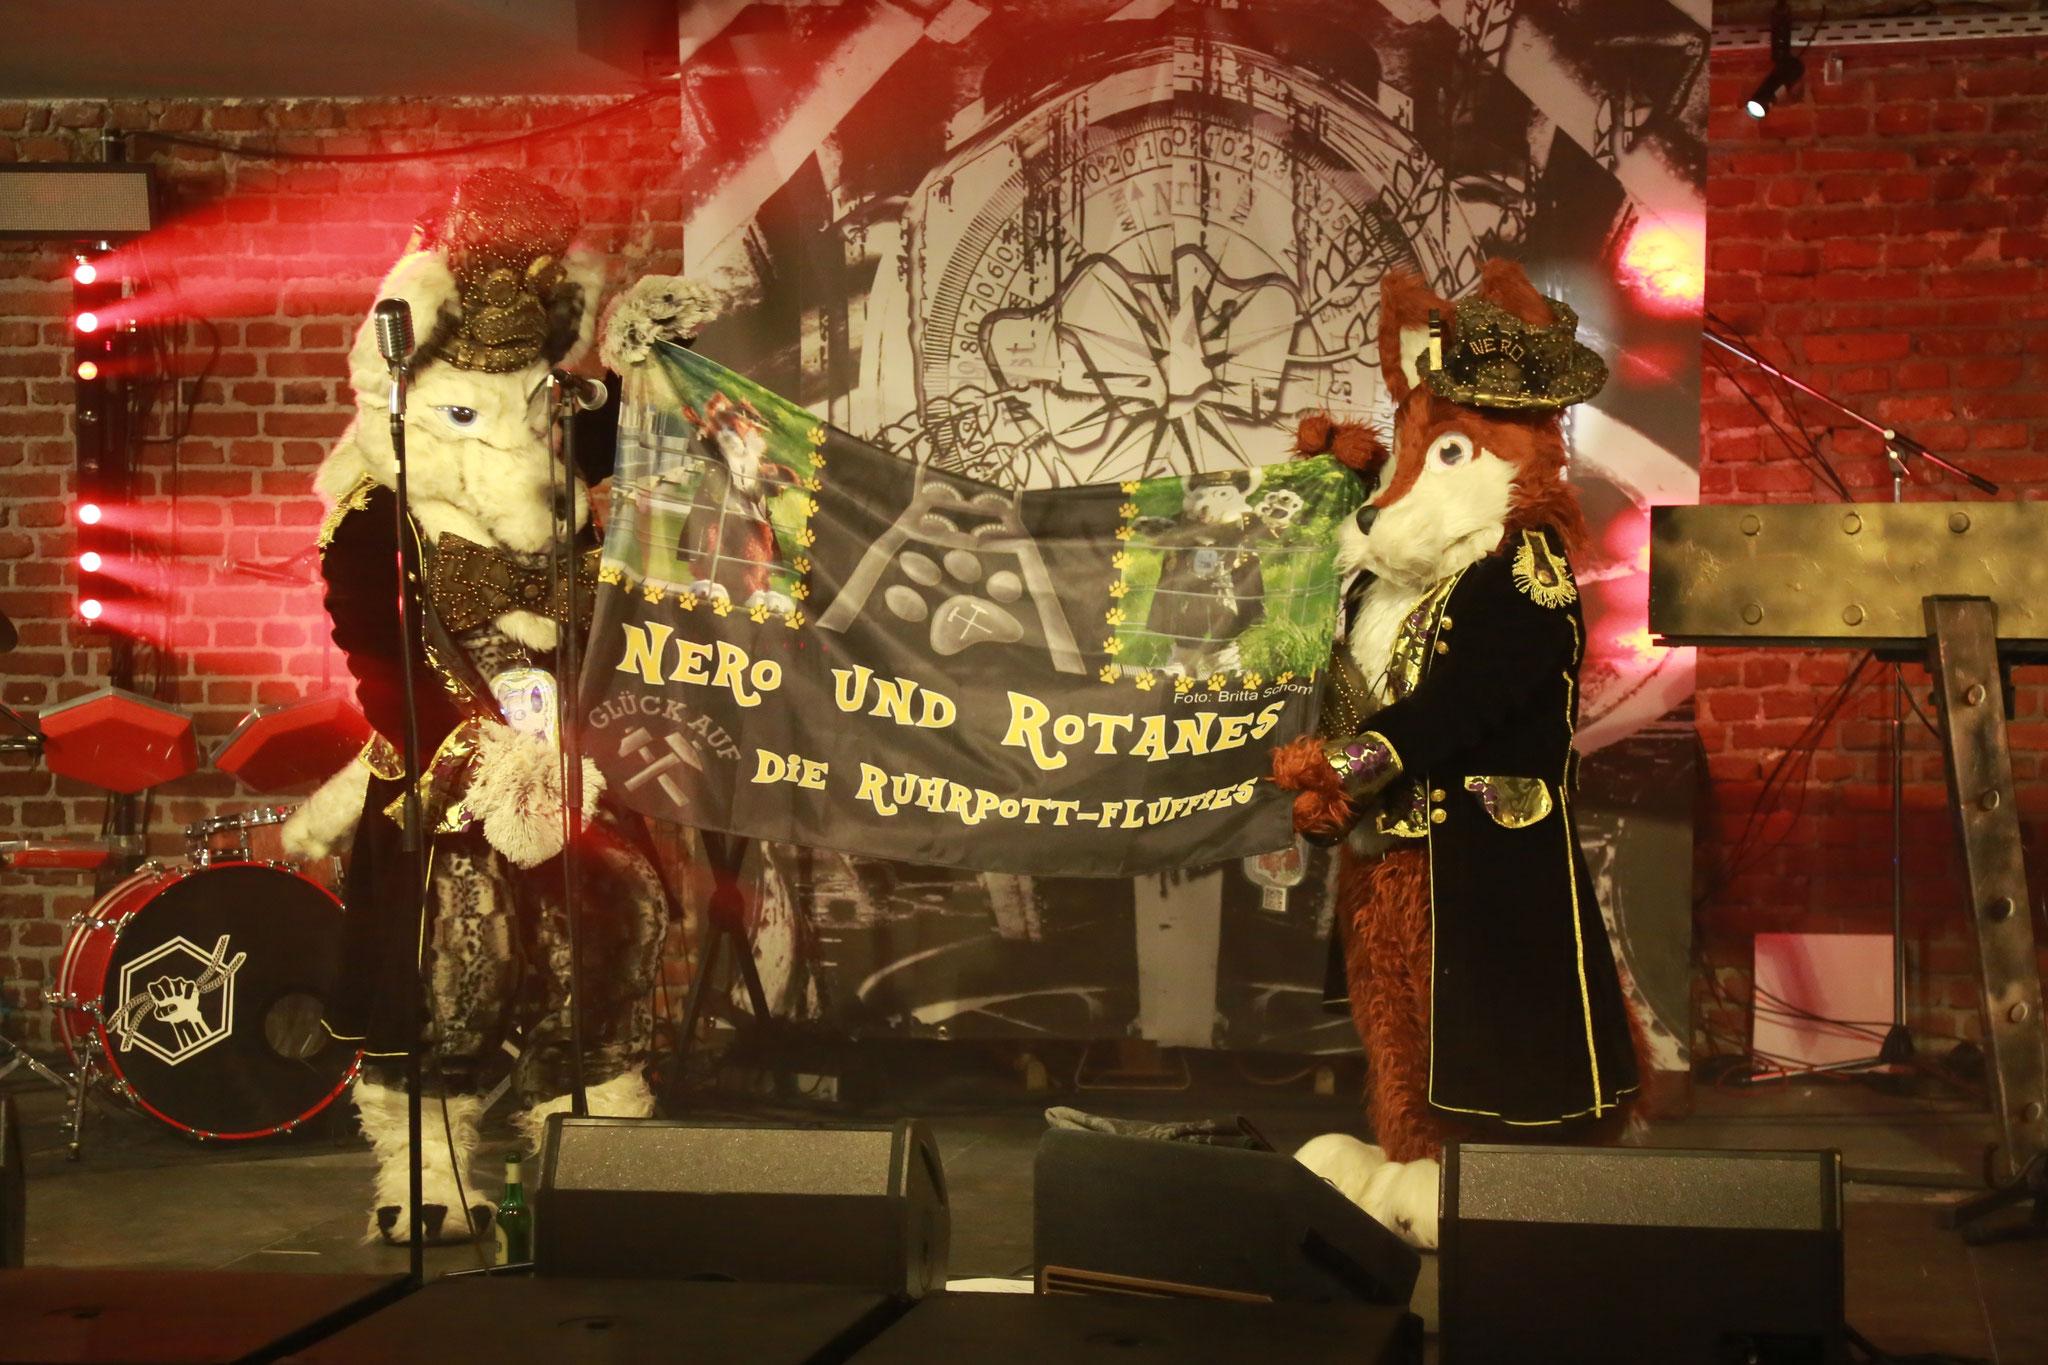 Auf der Bühne in der Rotunde Bochum